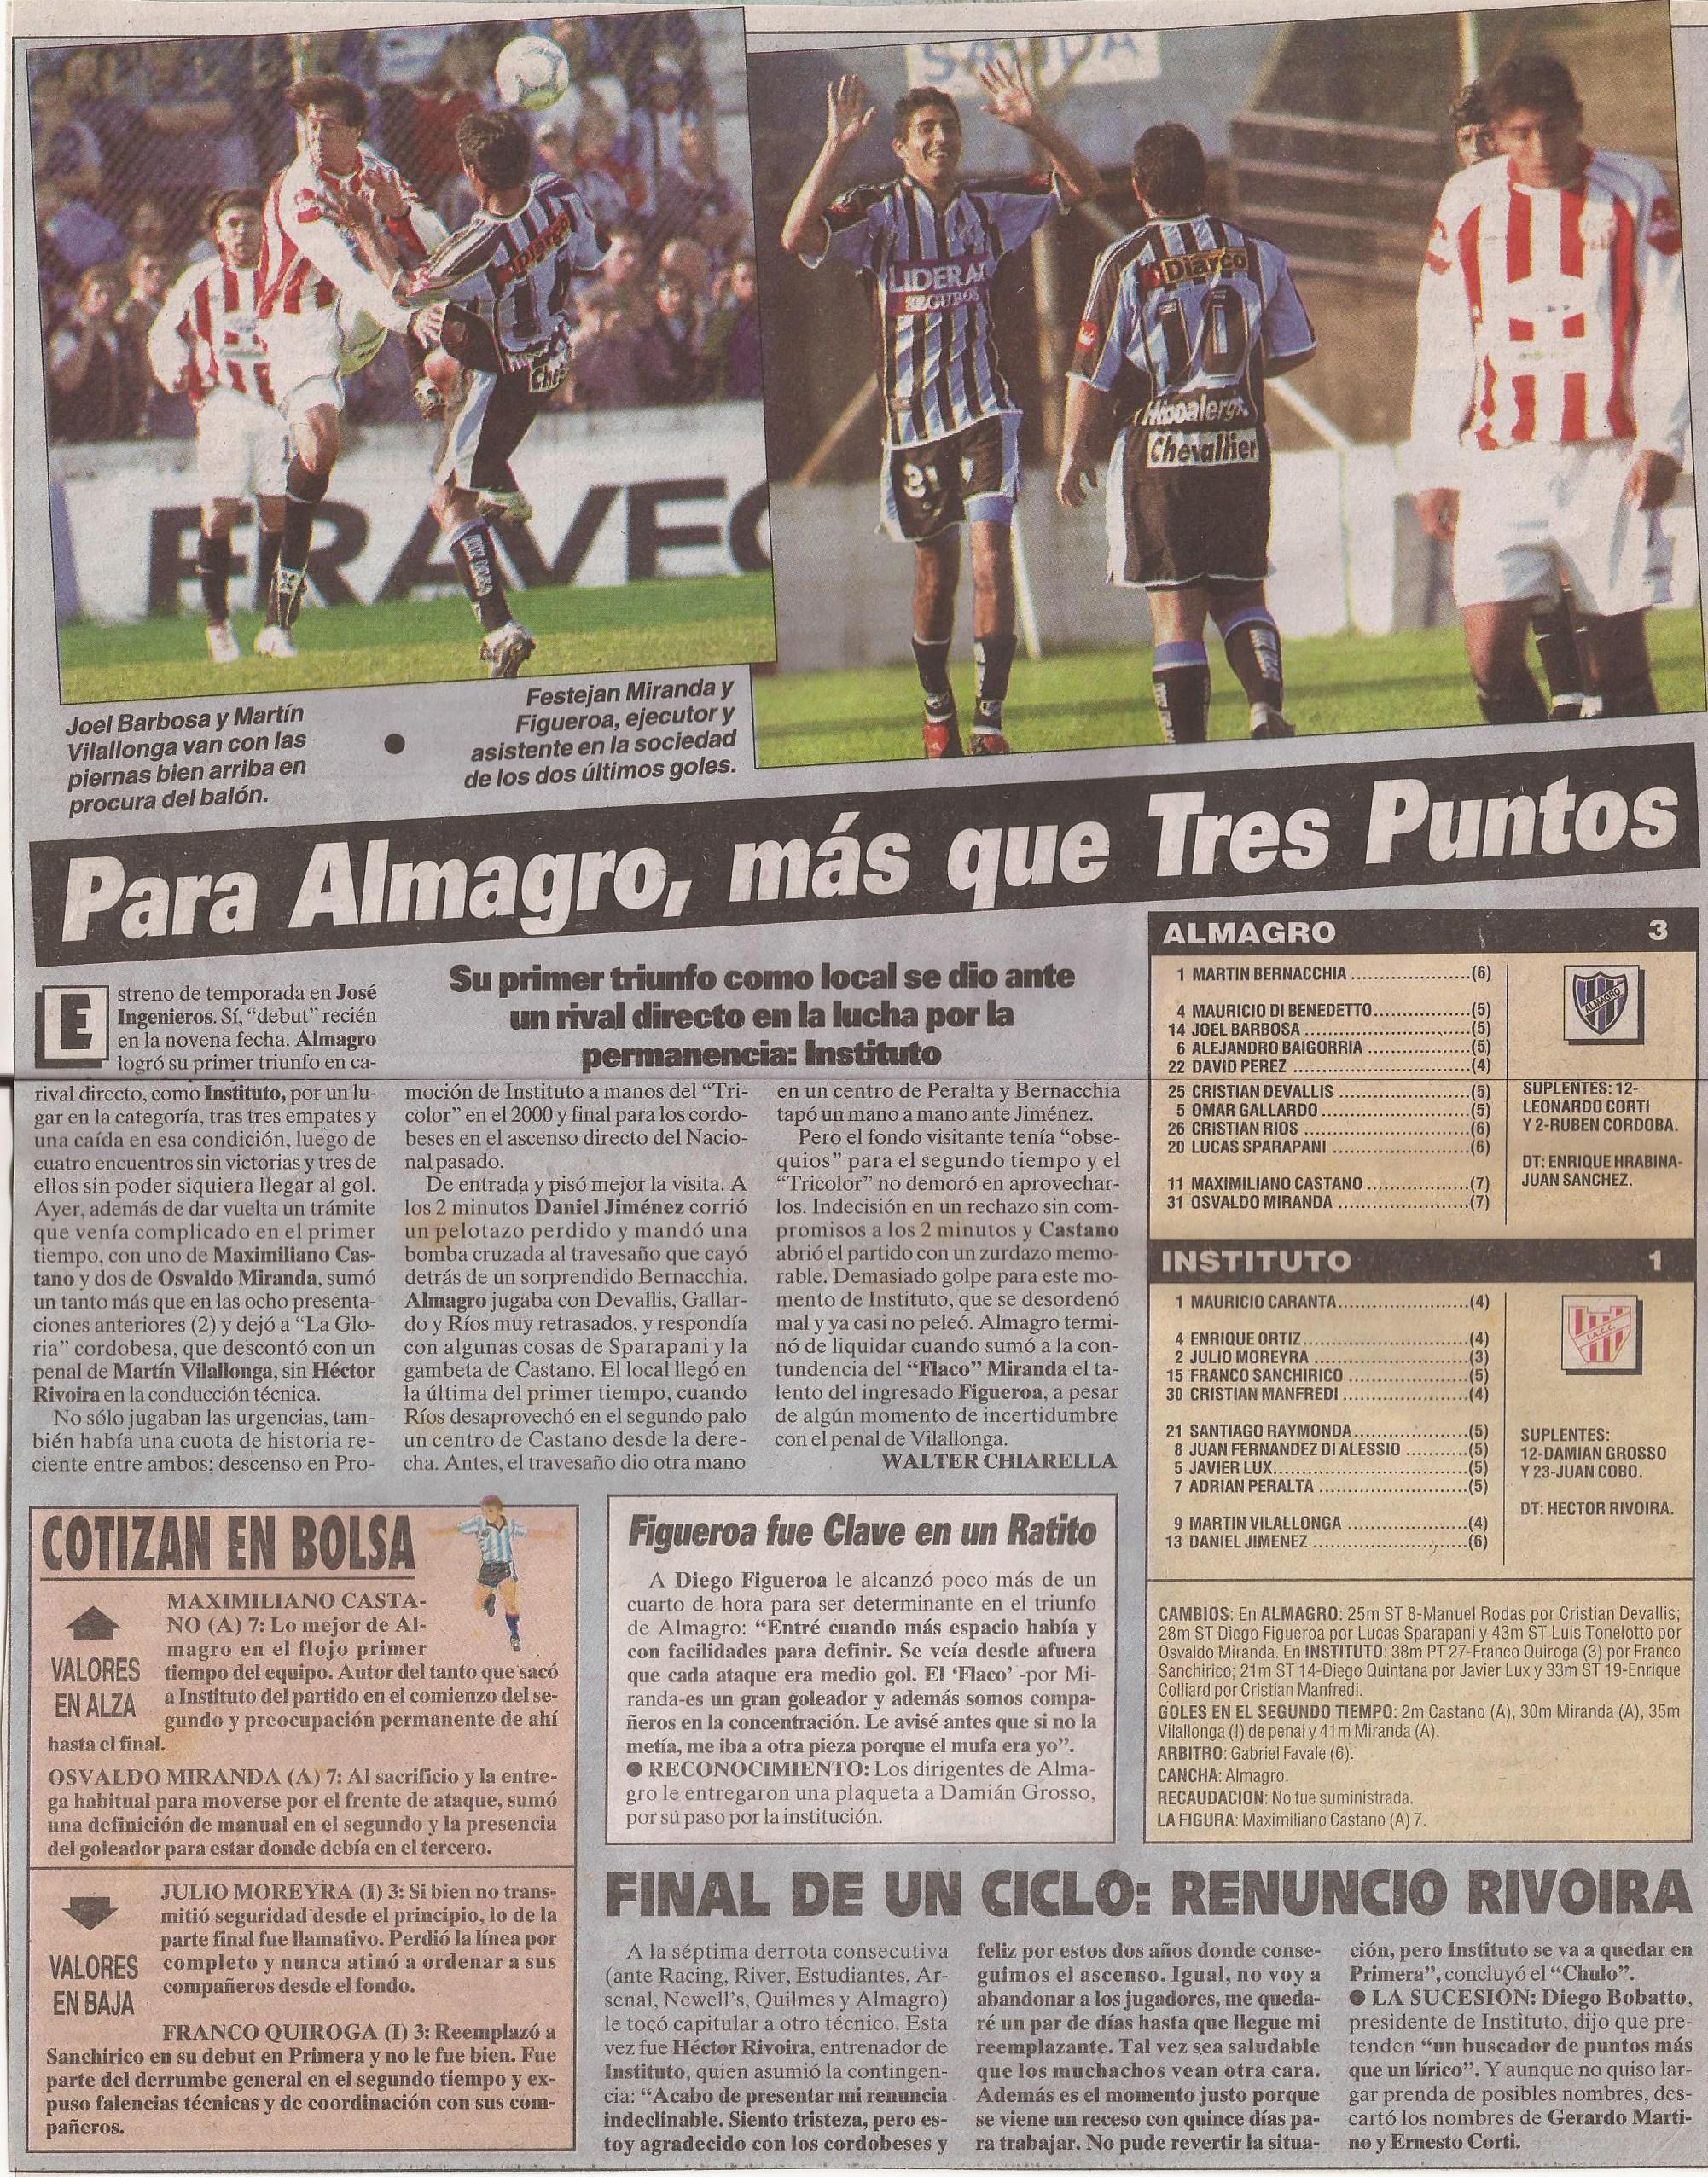 2004-05 Primera Division - Almagro vs Instituto - Diario Cronica